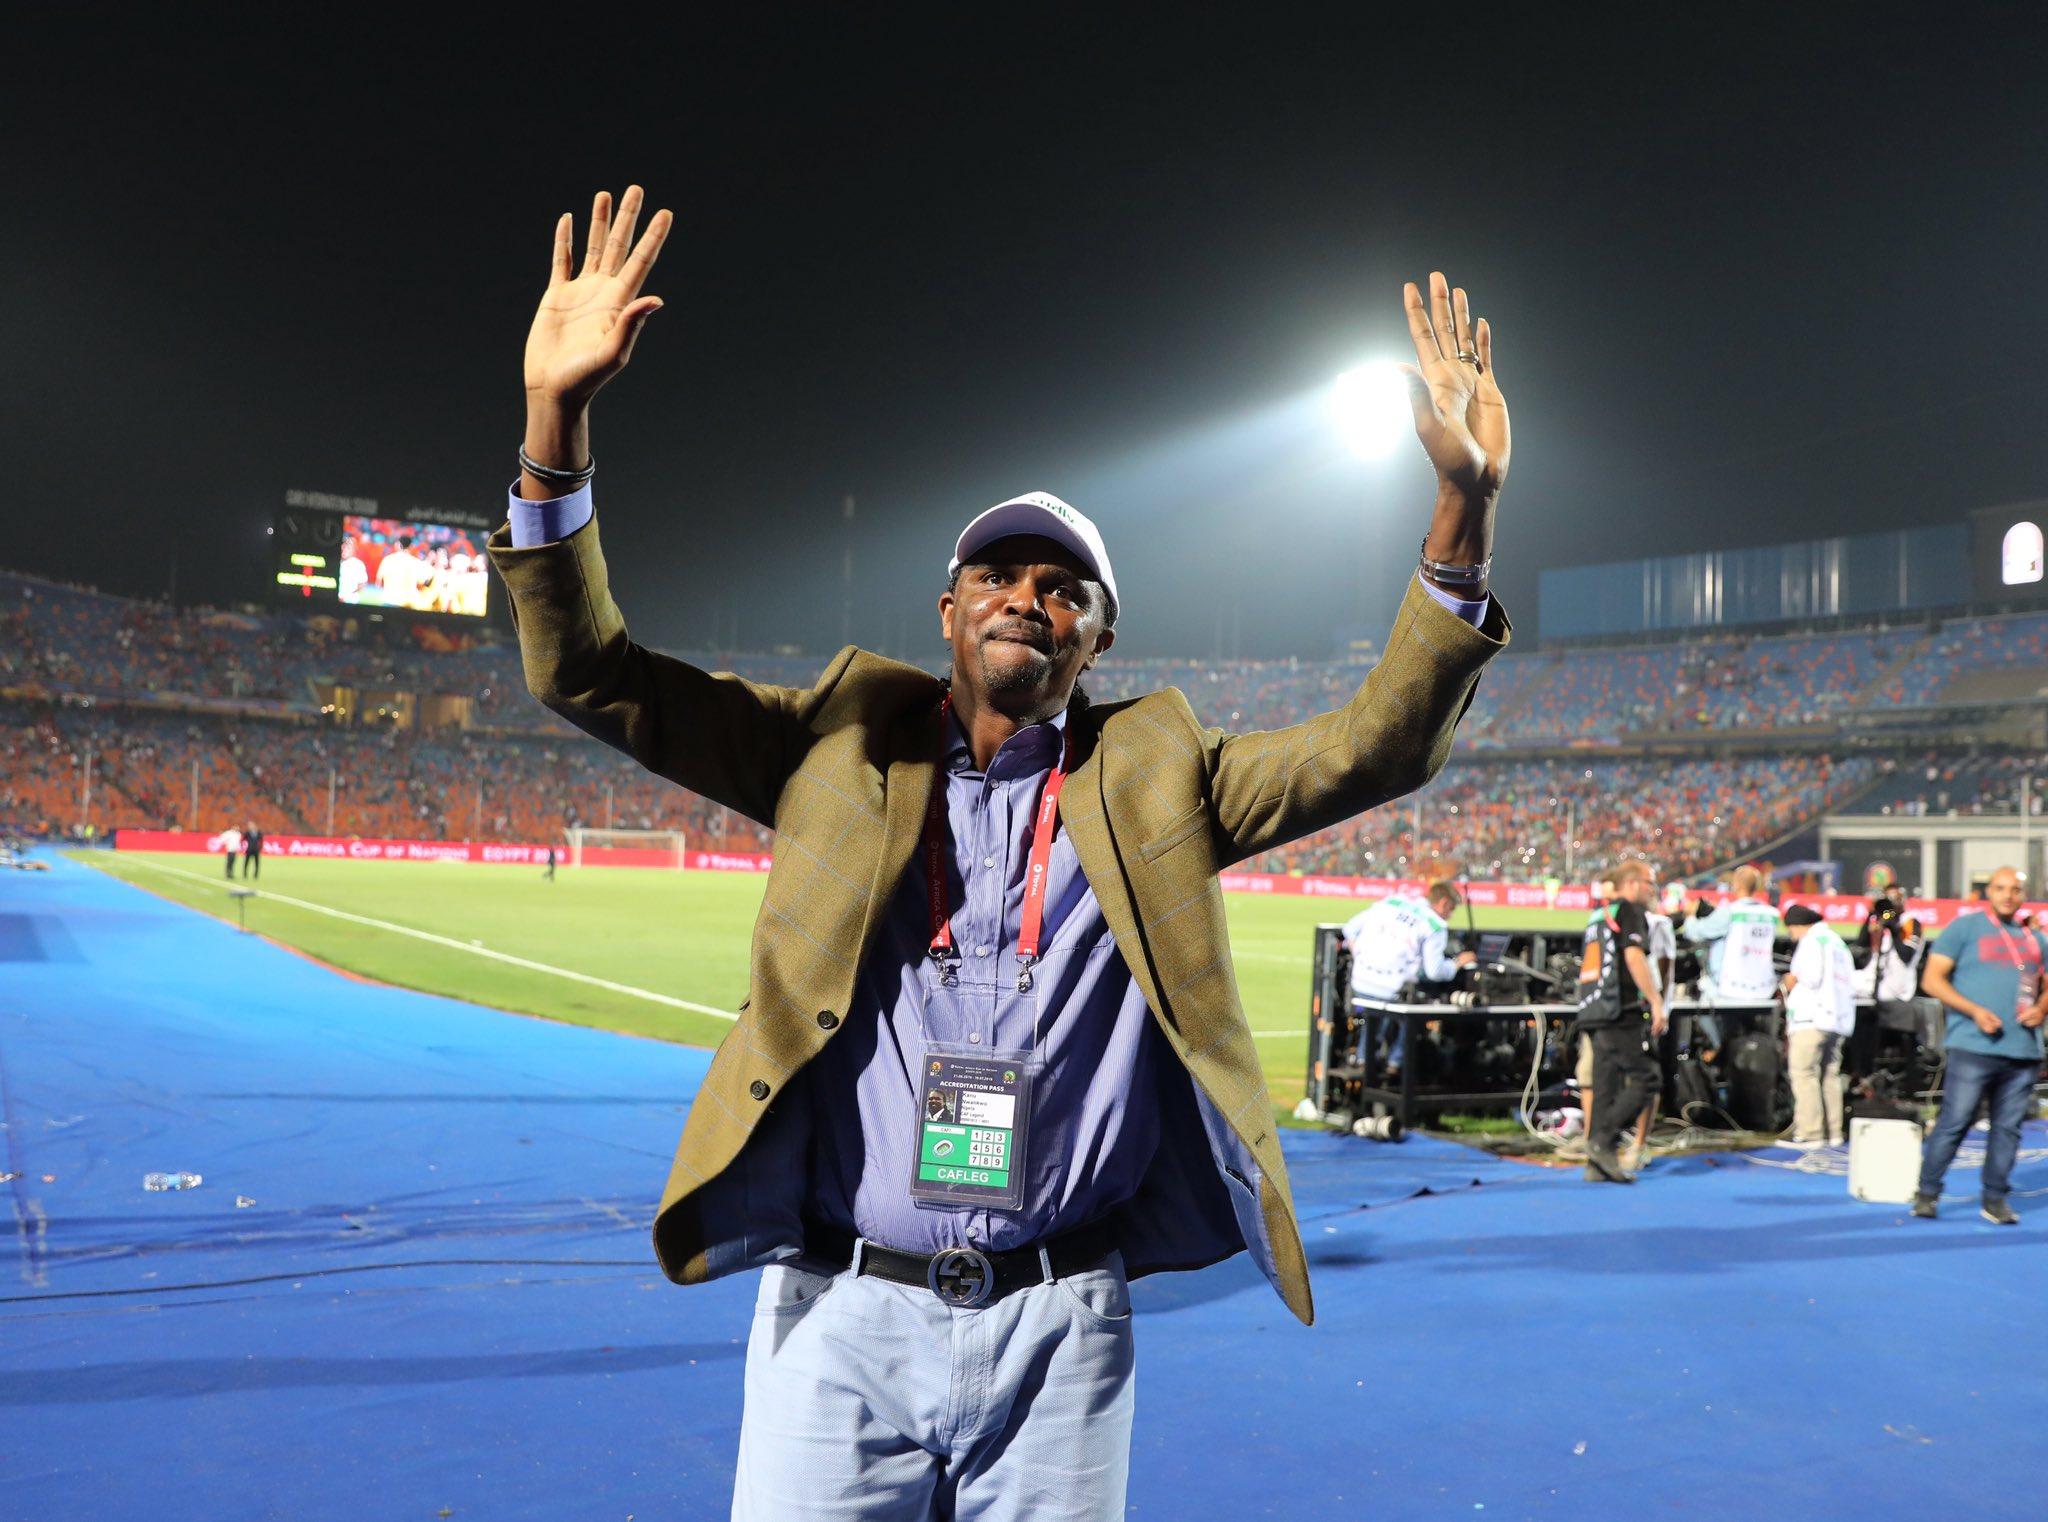 Happy Birthday to Nigerian football legend, Nwankwo Kanu!